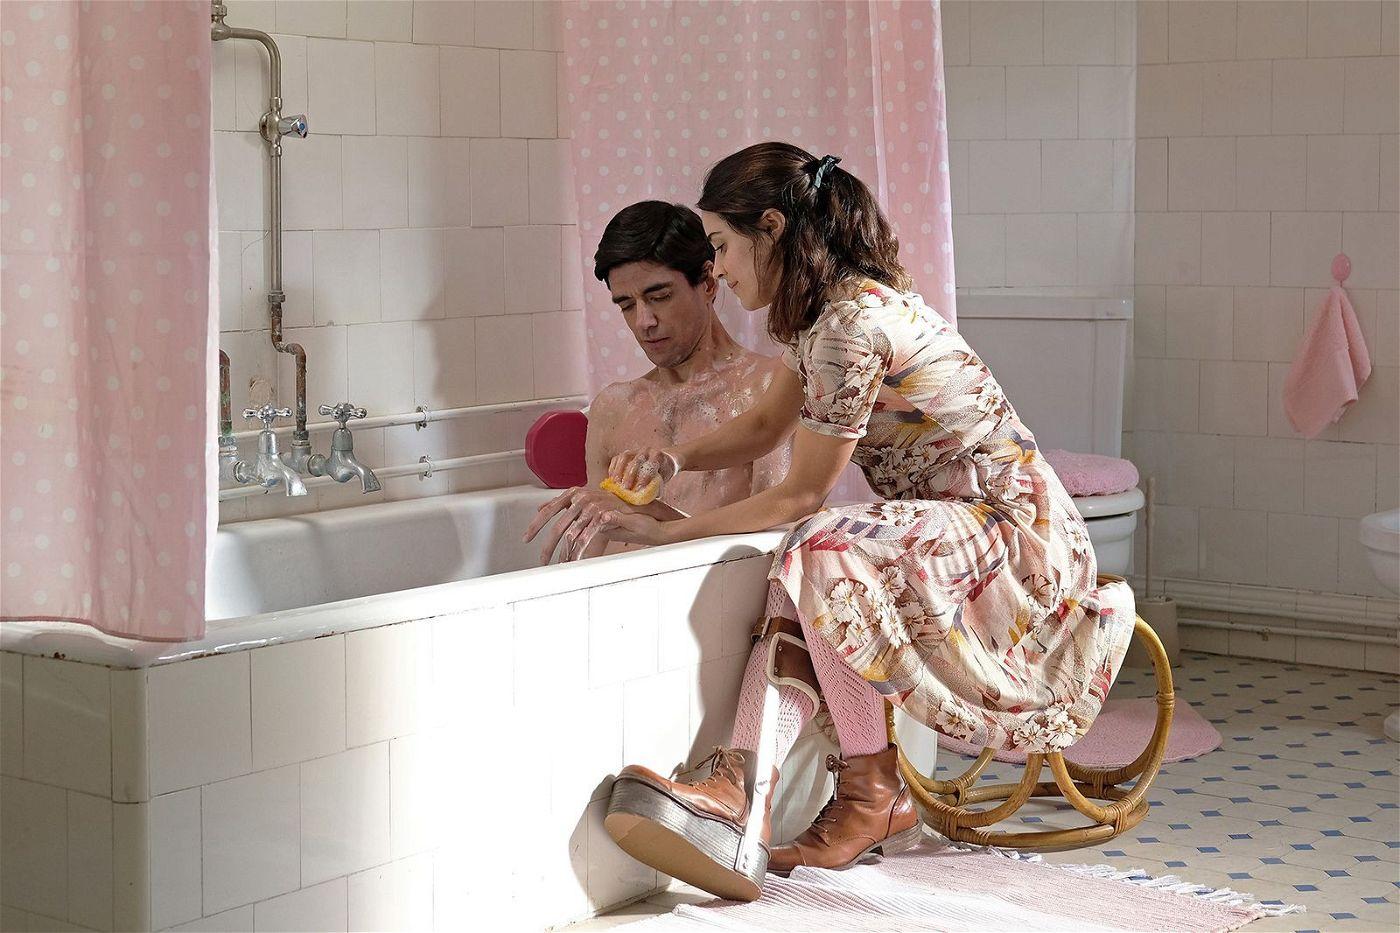 Rosa (Macarena García) könnte Garaté (Javier Botet) die Liebe zeigen. Doch leider hat sie zwei asymmetrische Beine.